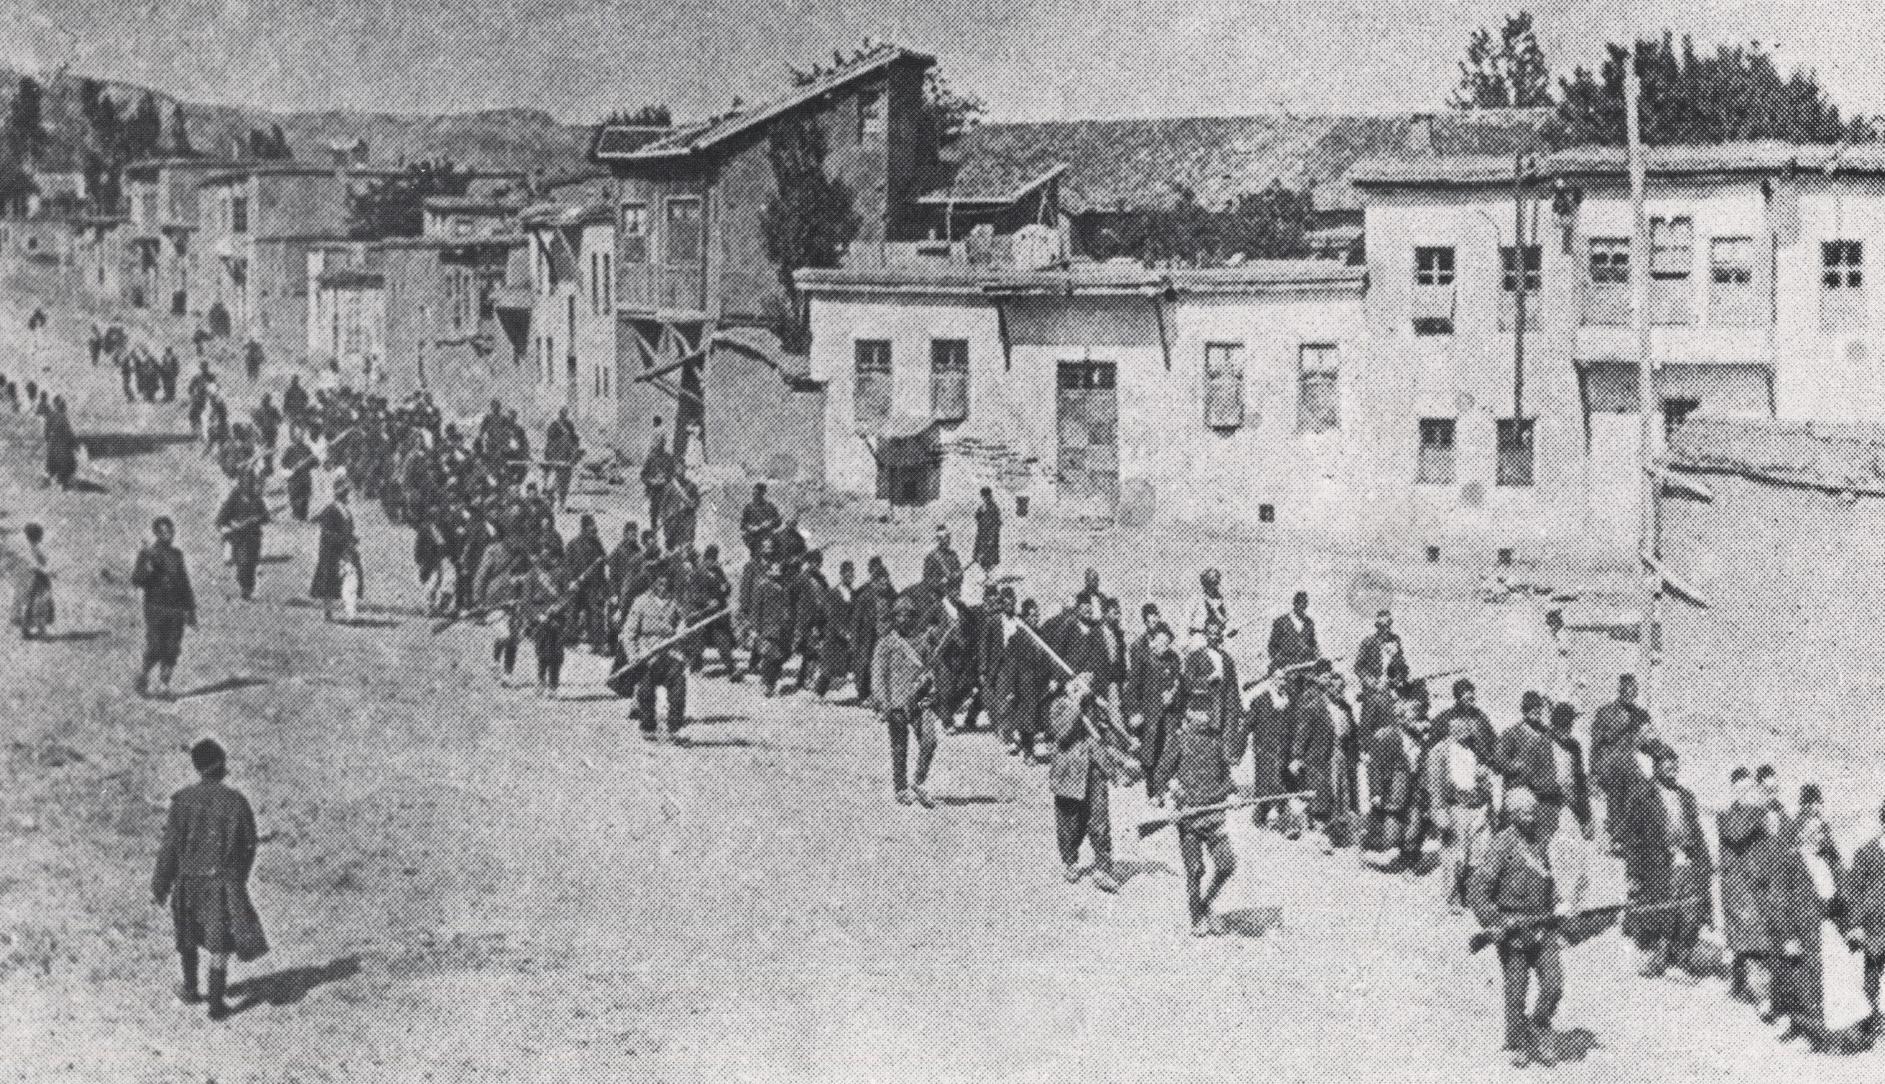 Osmanlı Devleti, cephe gerisinin güvenliğini sağlamak, siviller arasında çatışmaların önüne geçmek, Ermeni çetelerine karşı intikam hareketlerini engellemek, asayişle beraber cephedeki ikmal hatlarındaki Ermeni çetelerinin düzenlediği sabotajları durdurmak için tehcir kararı almıştır.